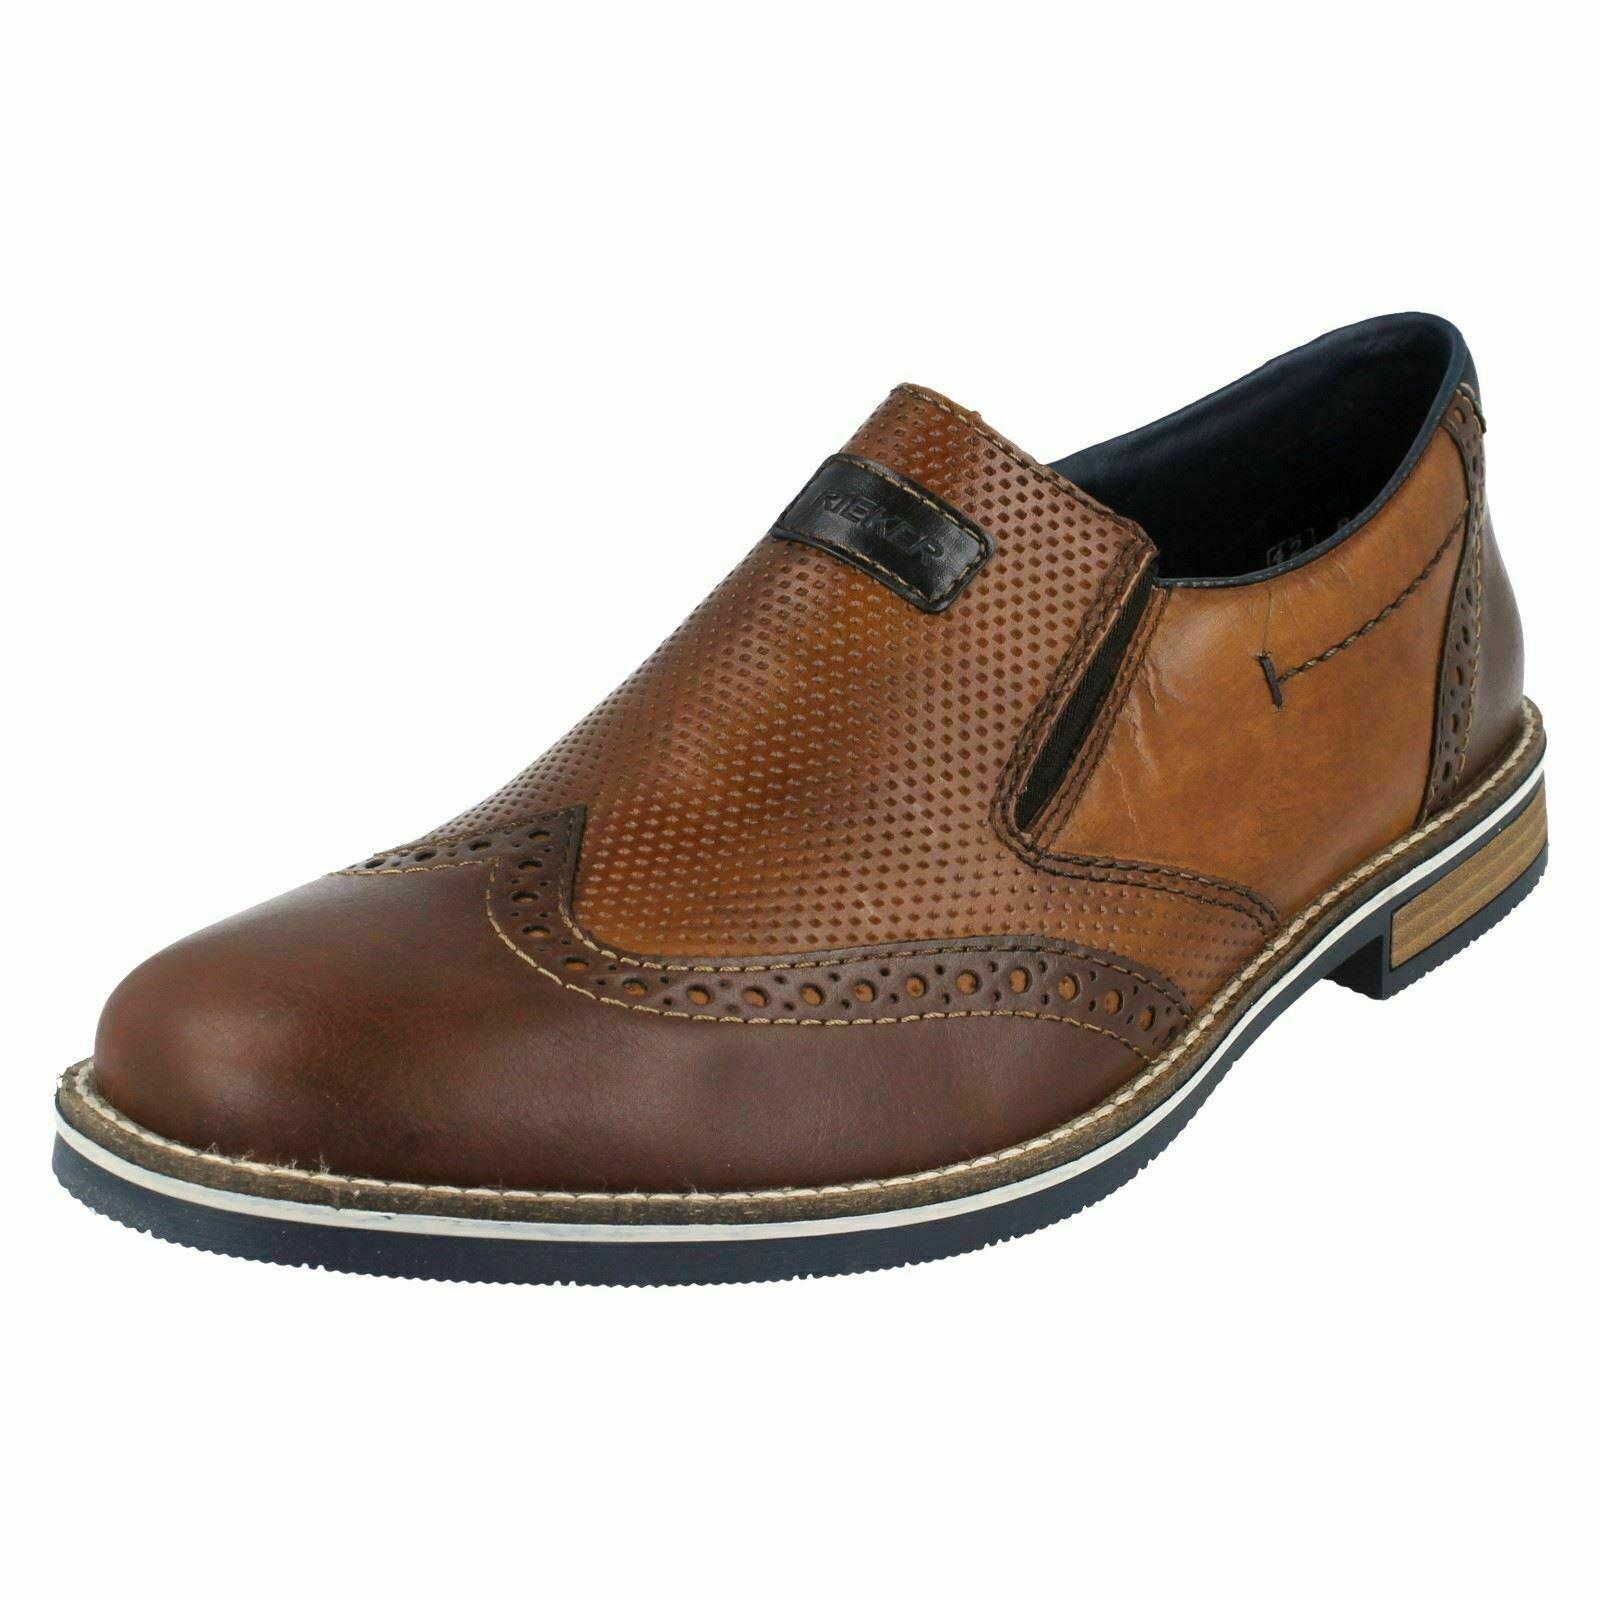 marchi di stilisti economici Uomo Rieker 13560-25 pelle Marrone Sintetico Alla Alla Alla Moda Scarpe Slip-On  liquidazione